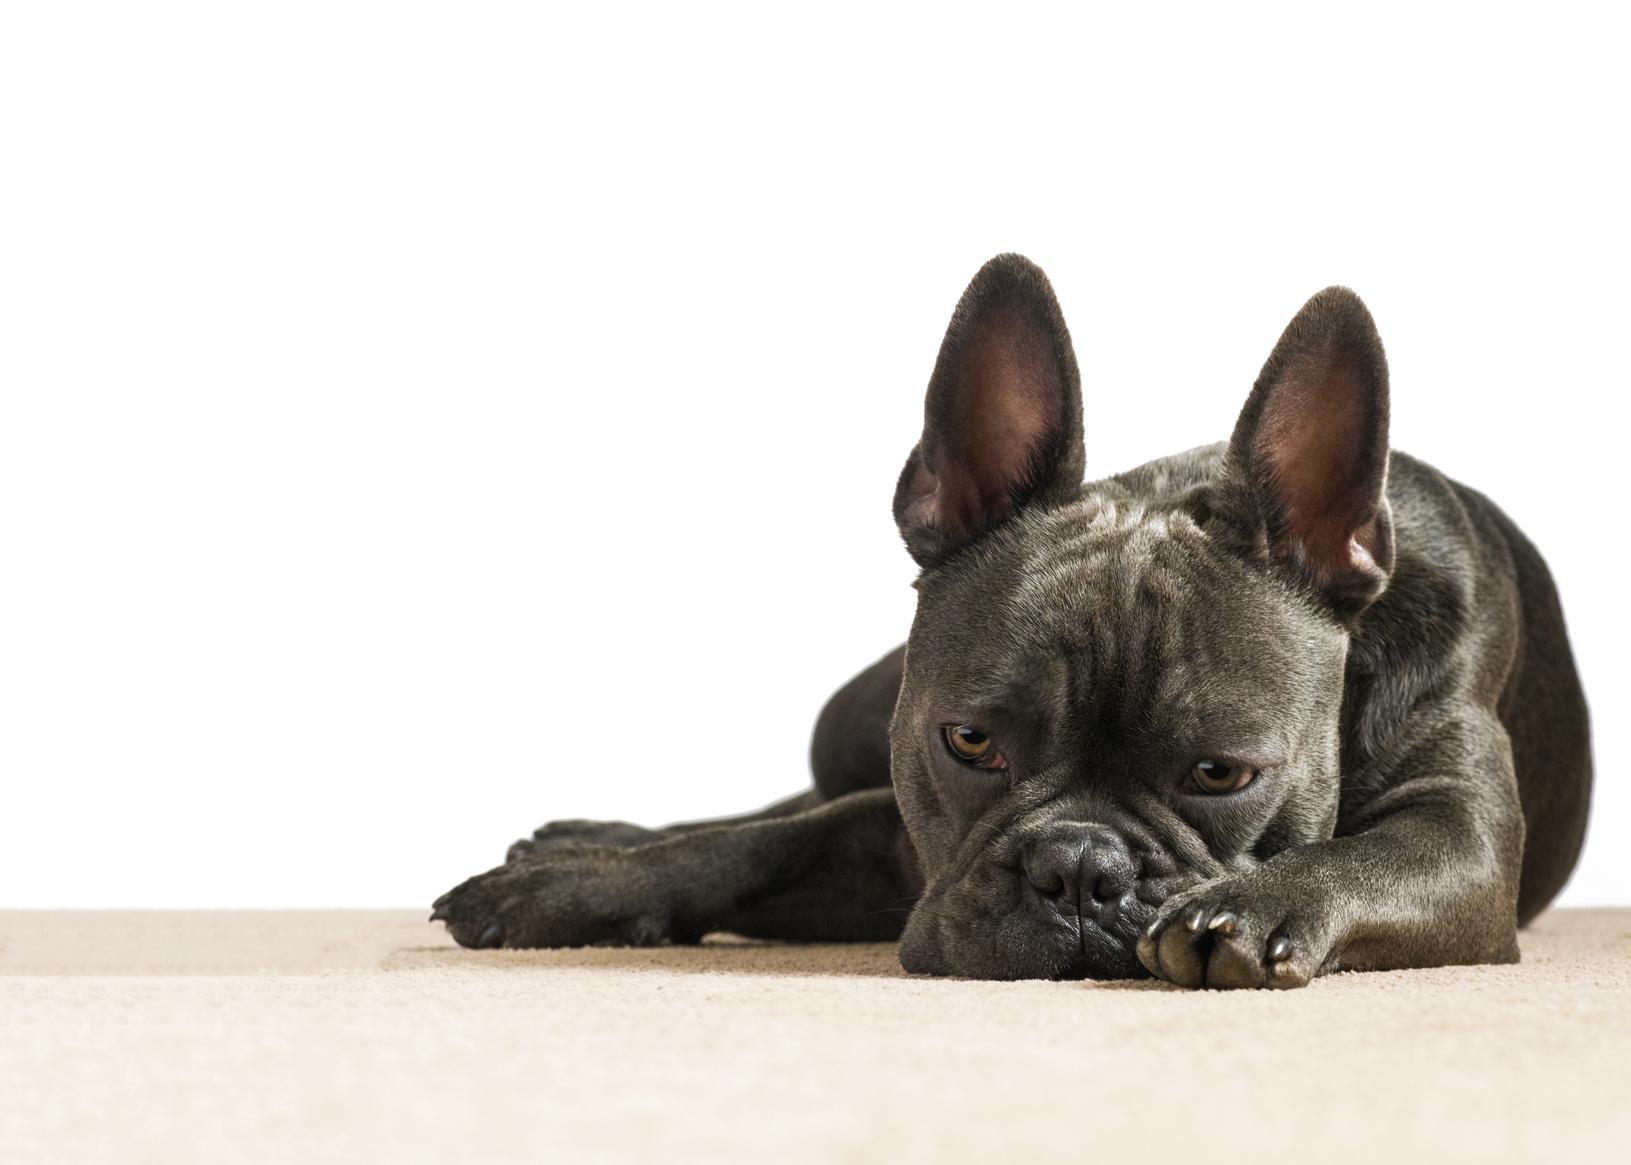 愛犬の気持ち、分かっていますか?愛犬が出す様々なサイン